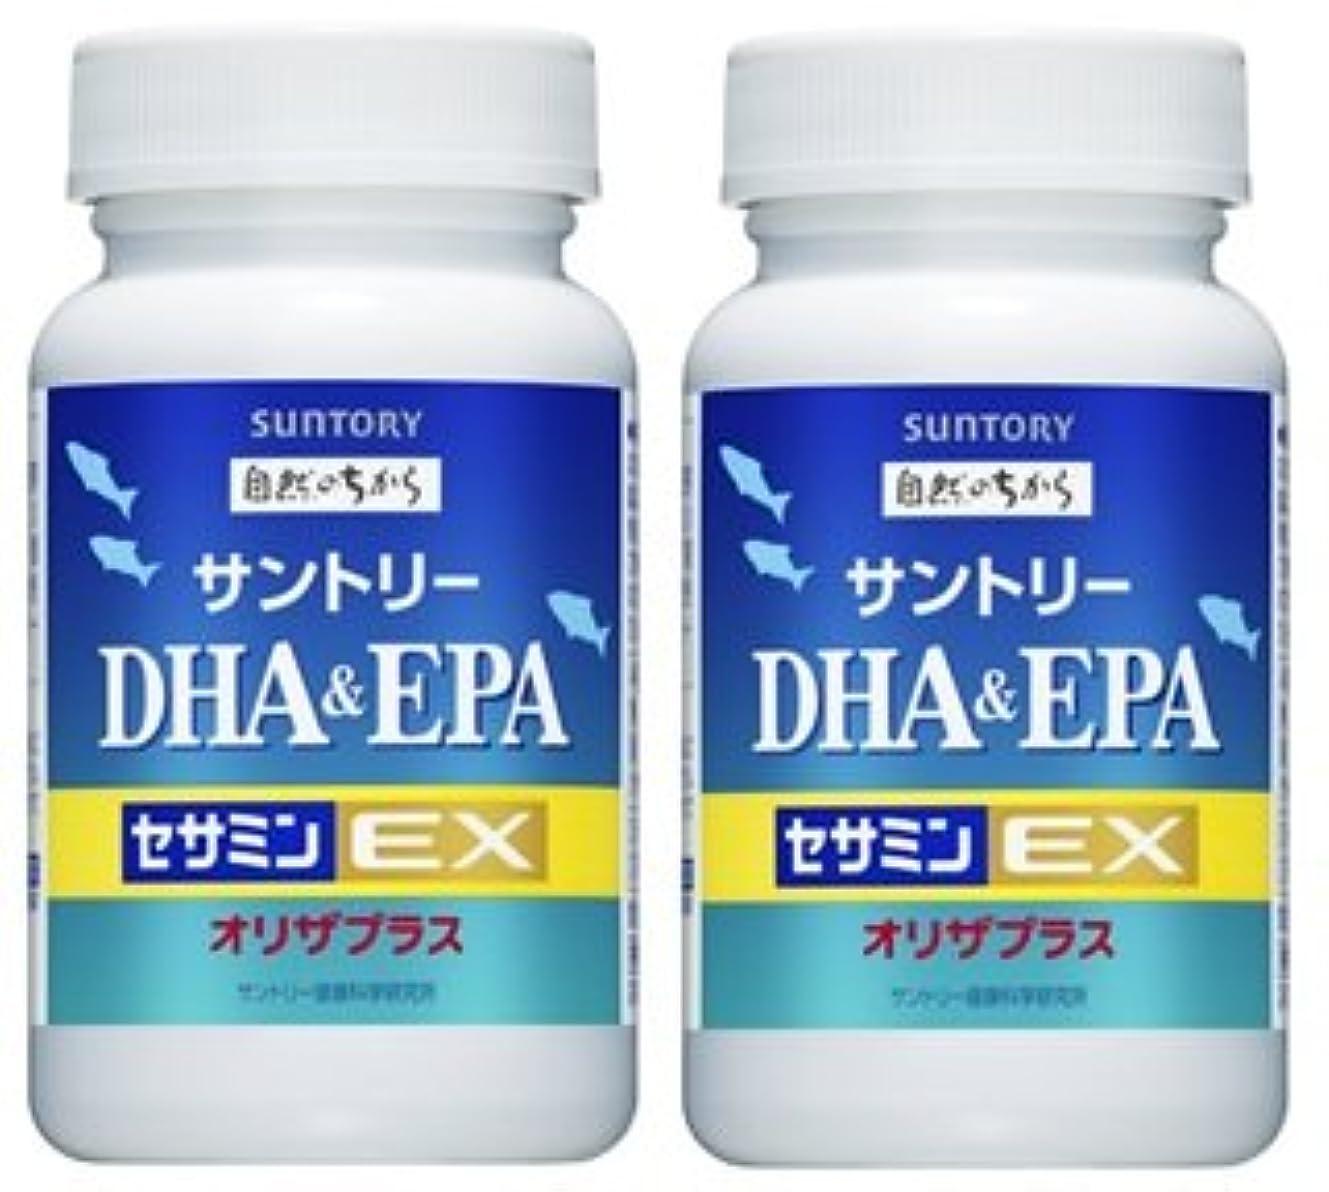 贅沢なクマノミシンプトン【2個セット】サントリー DHA&EPA+セサミンEX 240粒